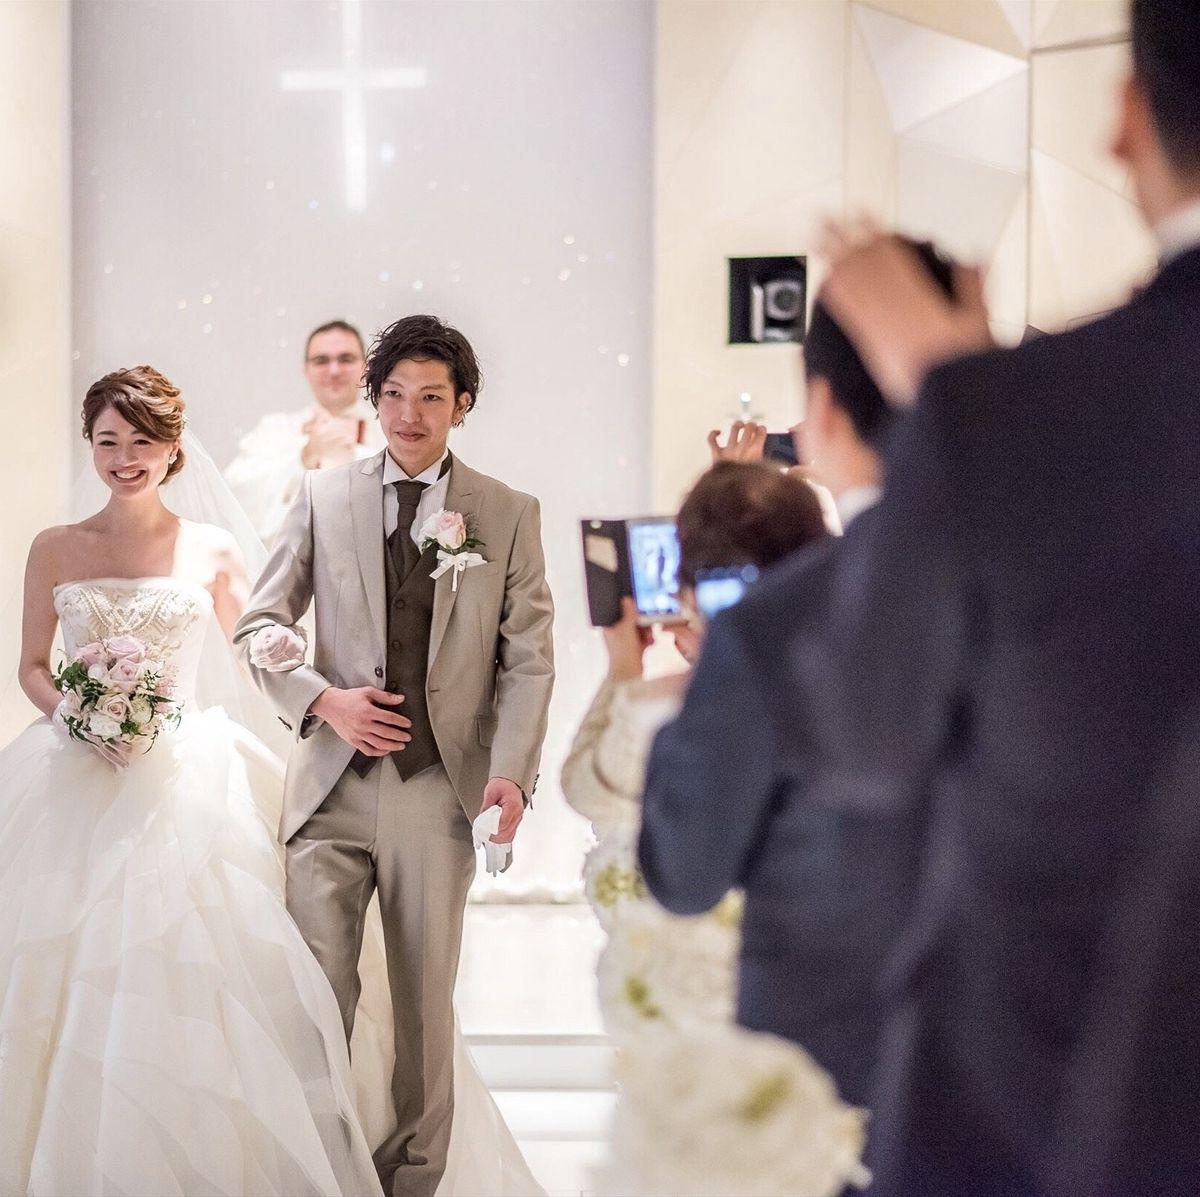 ana_wedding0210さんのANAインターコンチネンタルホテル東京写真1枚目